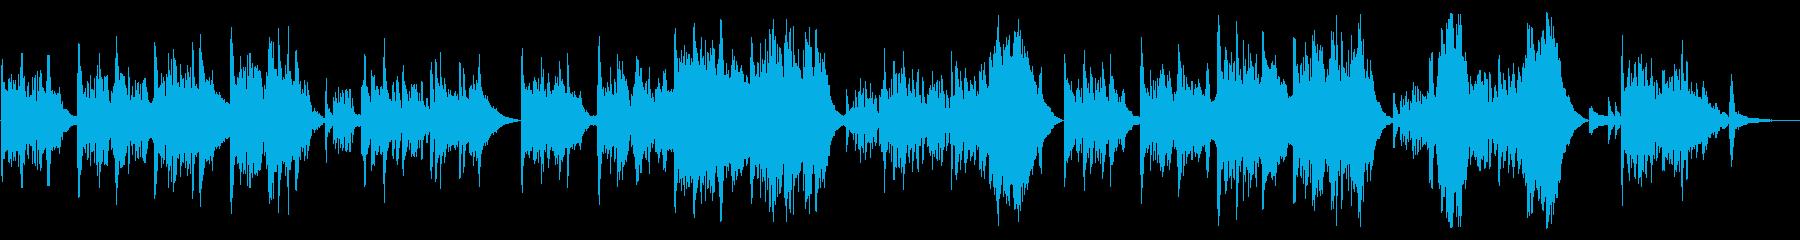 切なくしんみりとしたピアノバラードの再生済みの波形